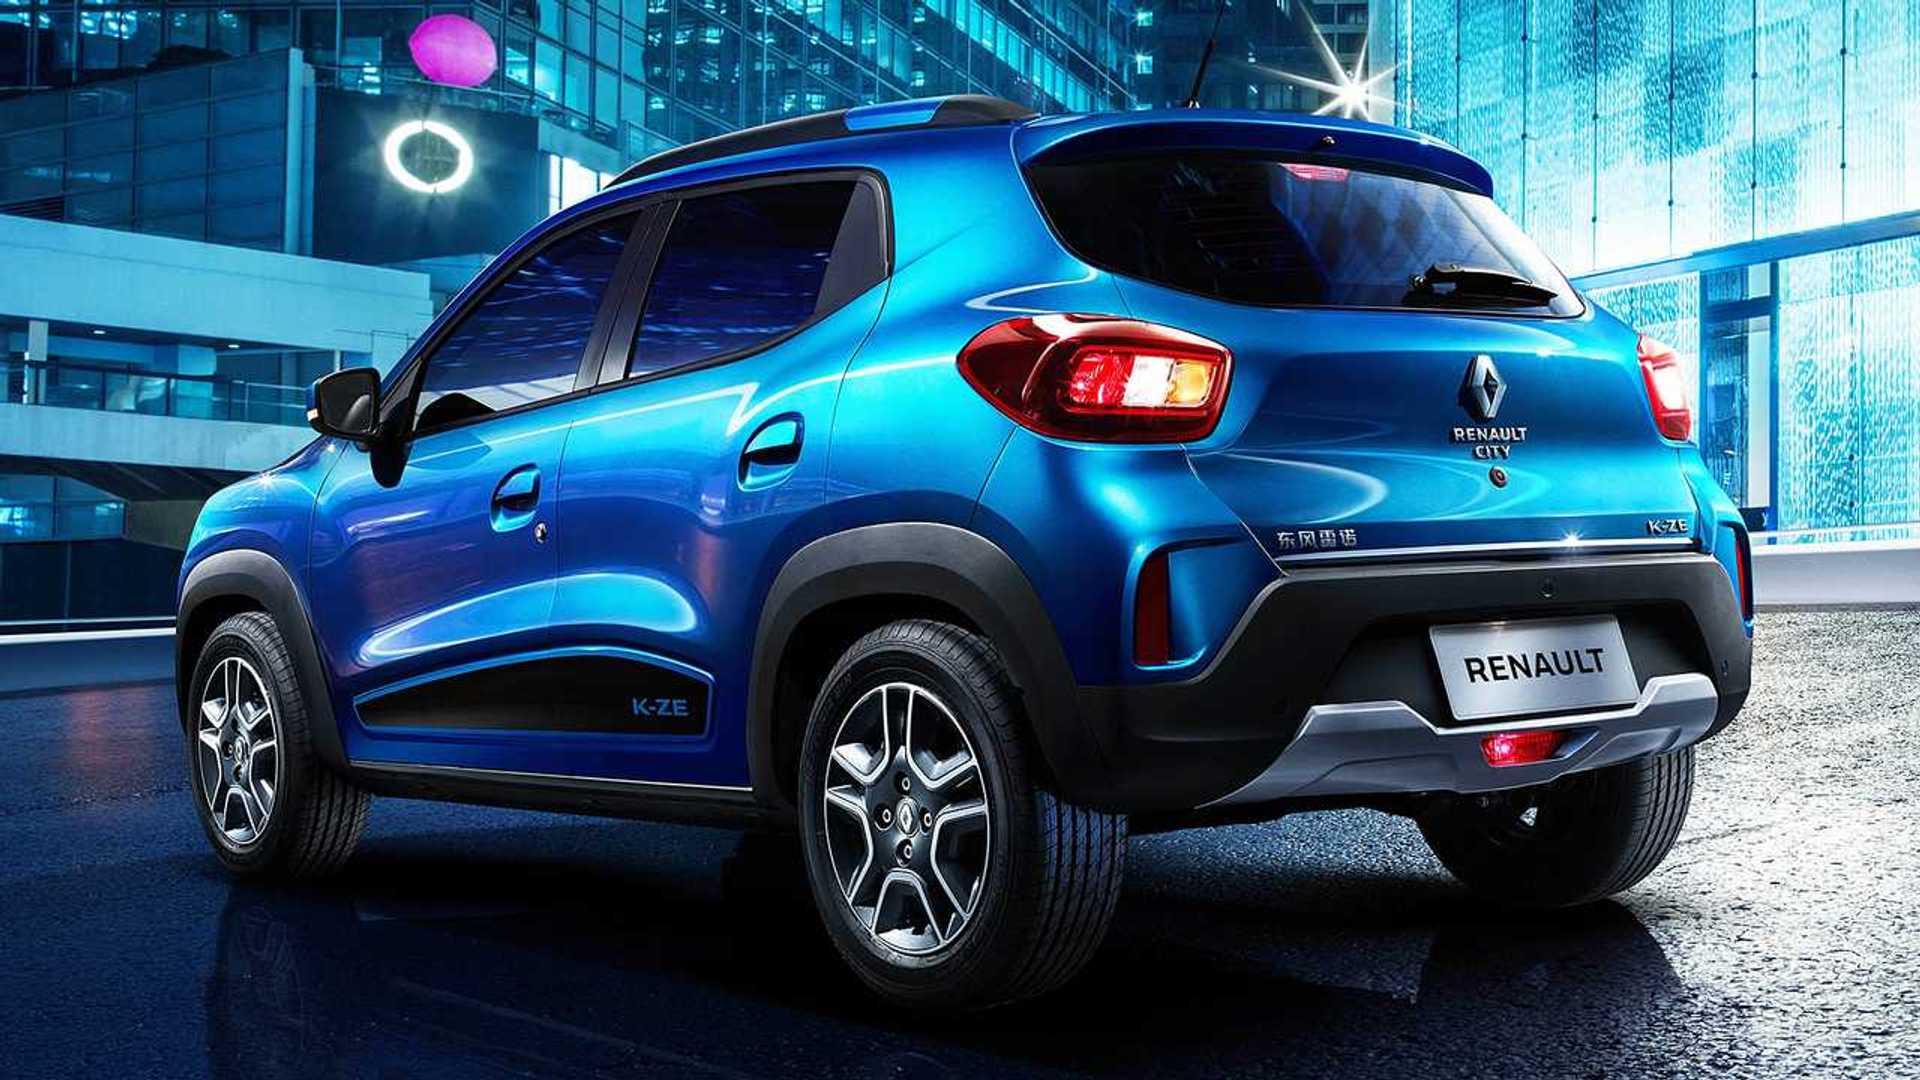 Renault представила бюджетный электрохэтч City K-ZE